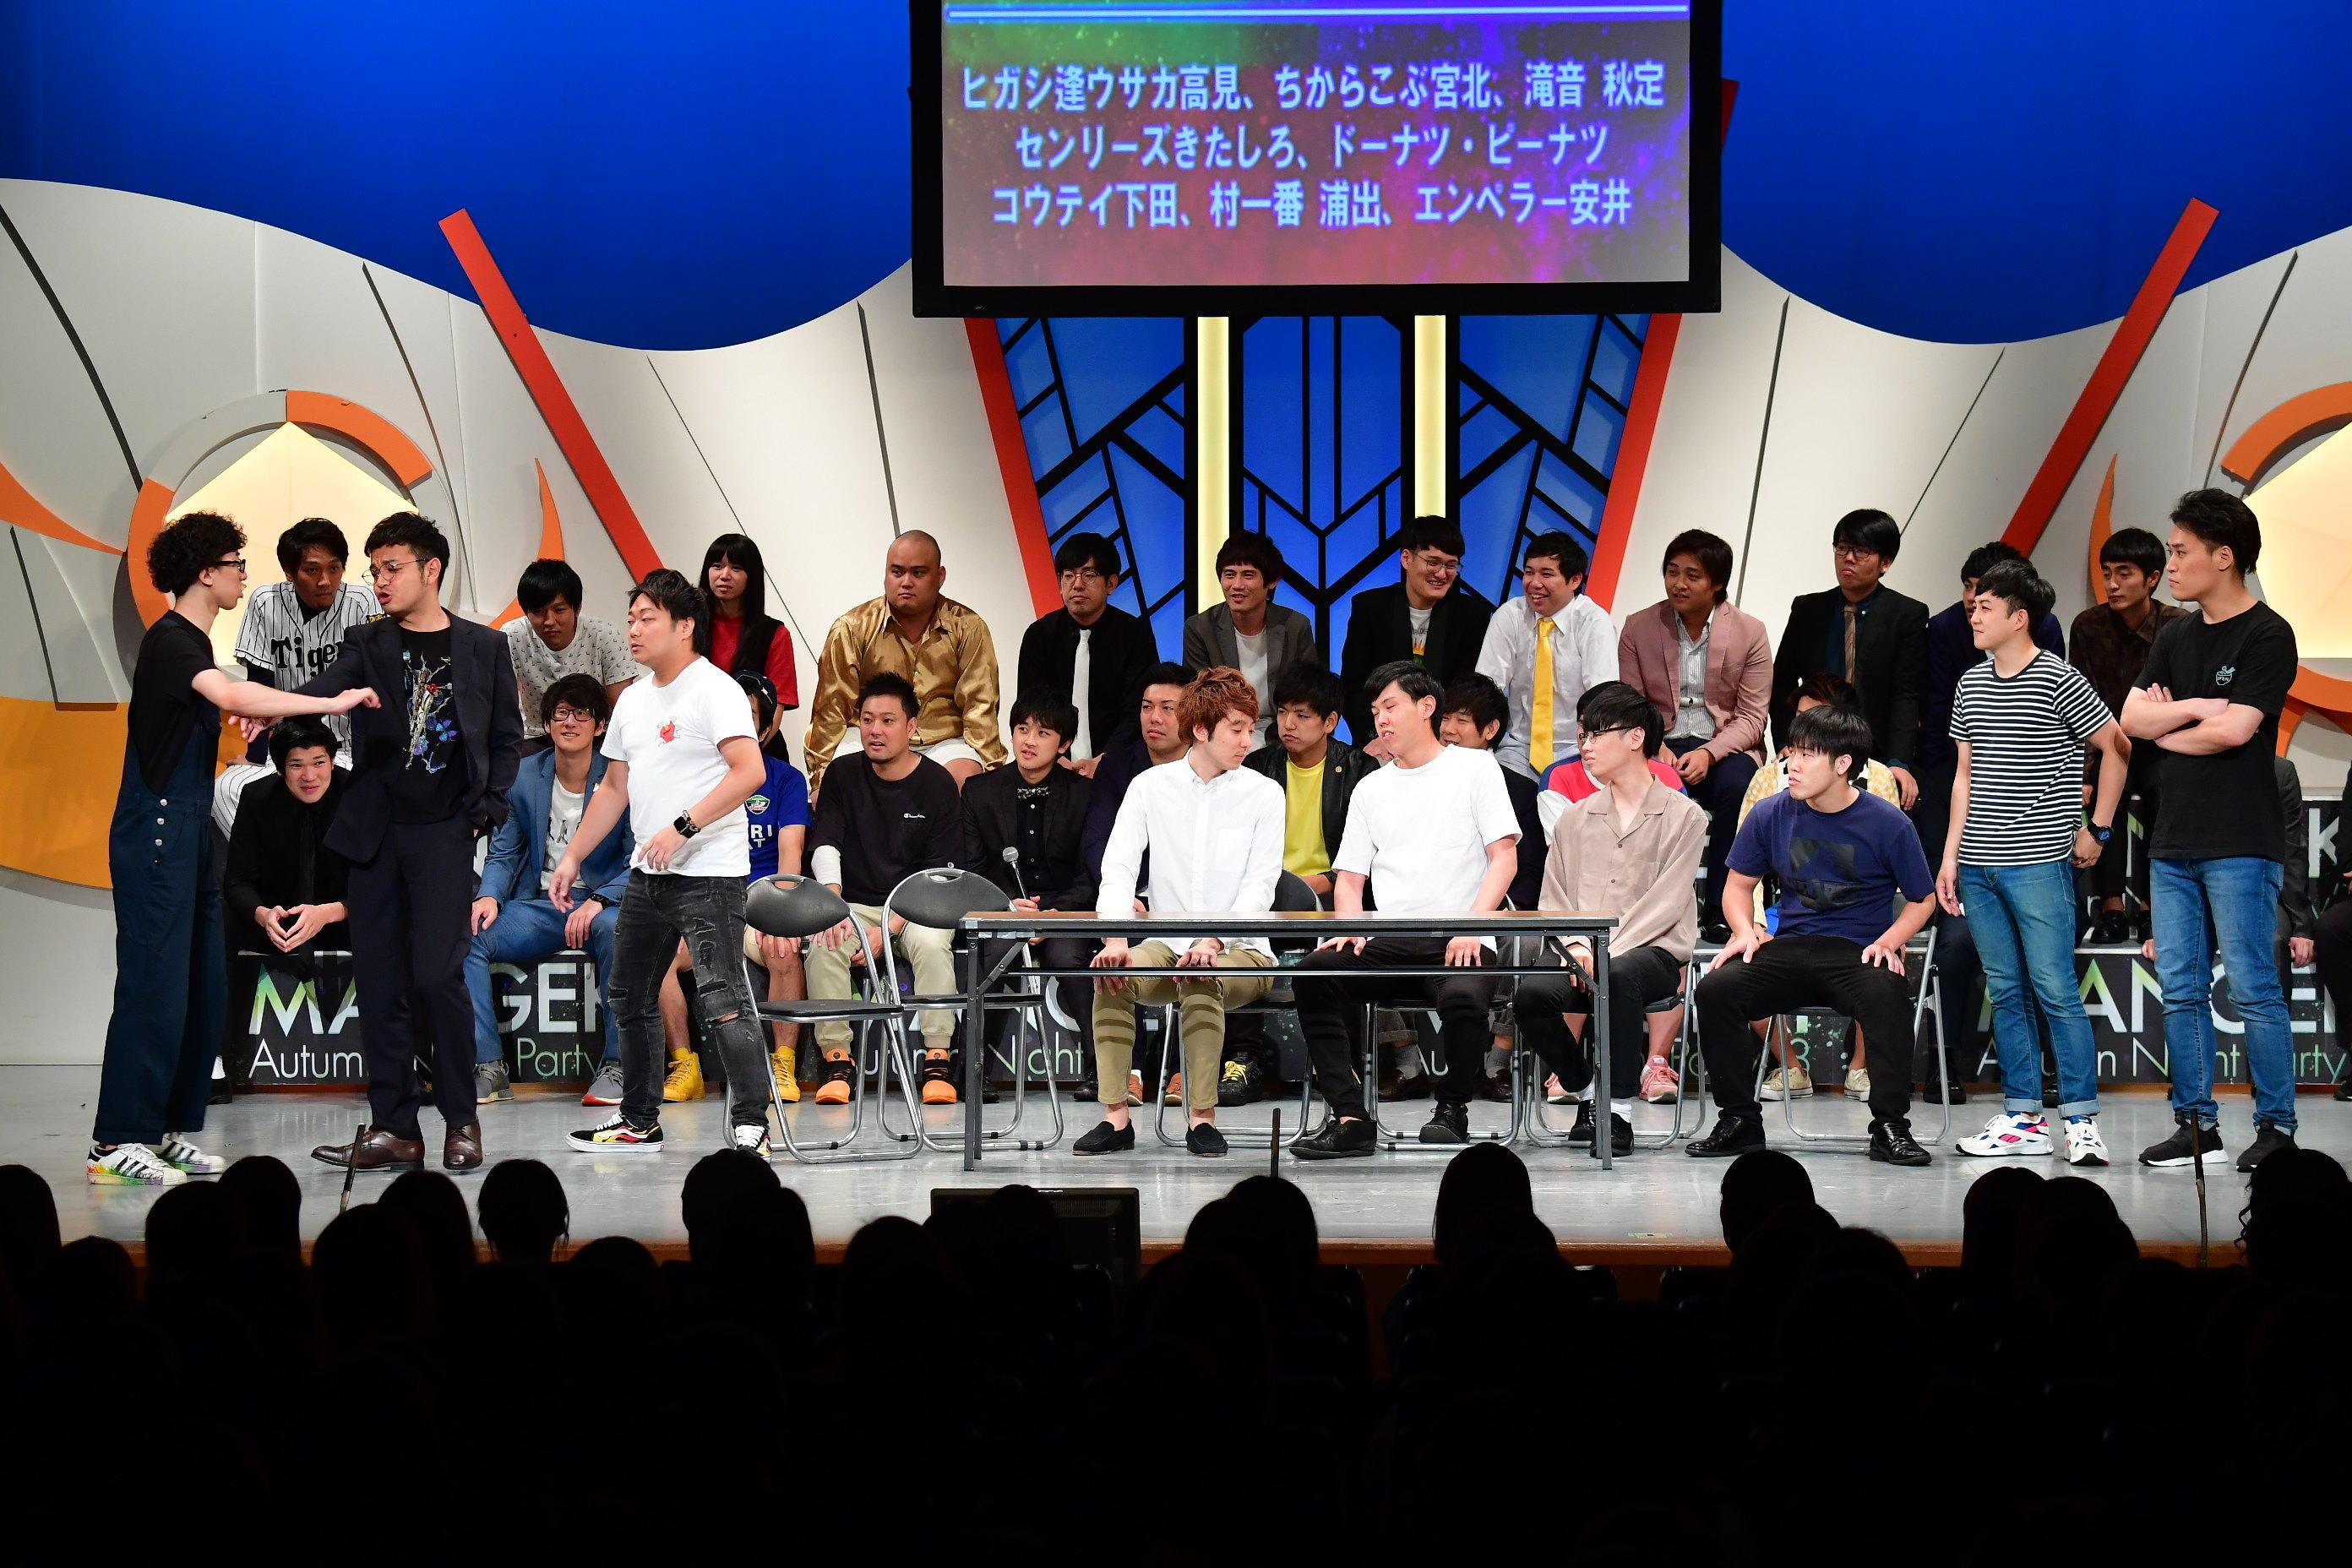 http://news.yoshimoto.co.jp/20180925141548-bcdd397bd964823c428683045b3f8916659bd182.jpg